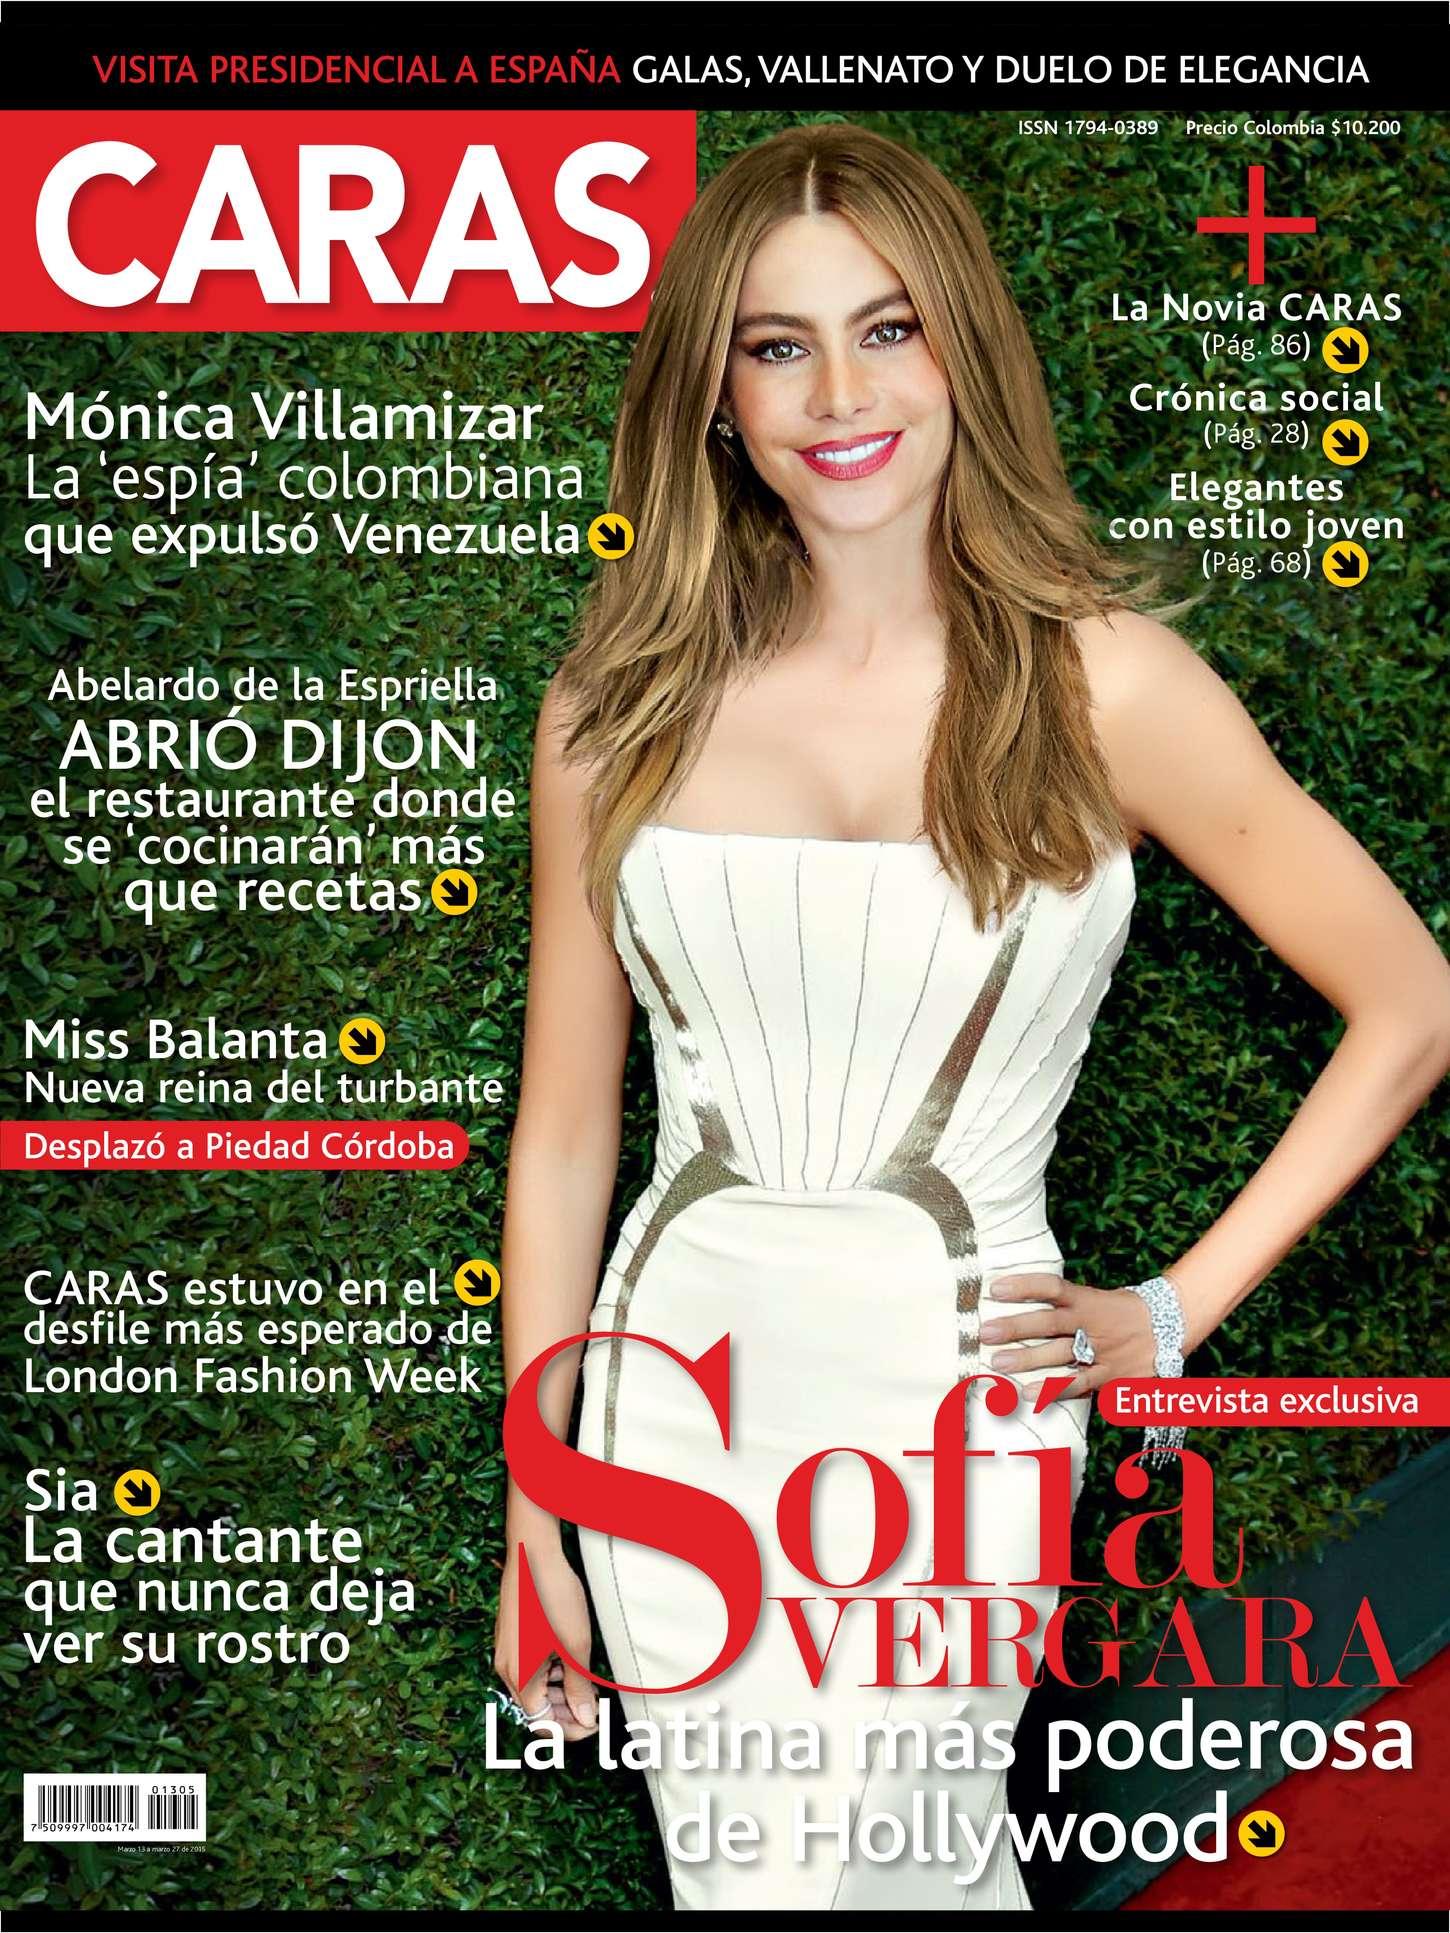 Sofía Vergara - Caras Magazine (March 2015)